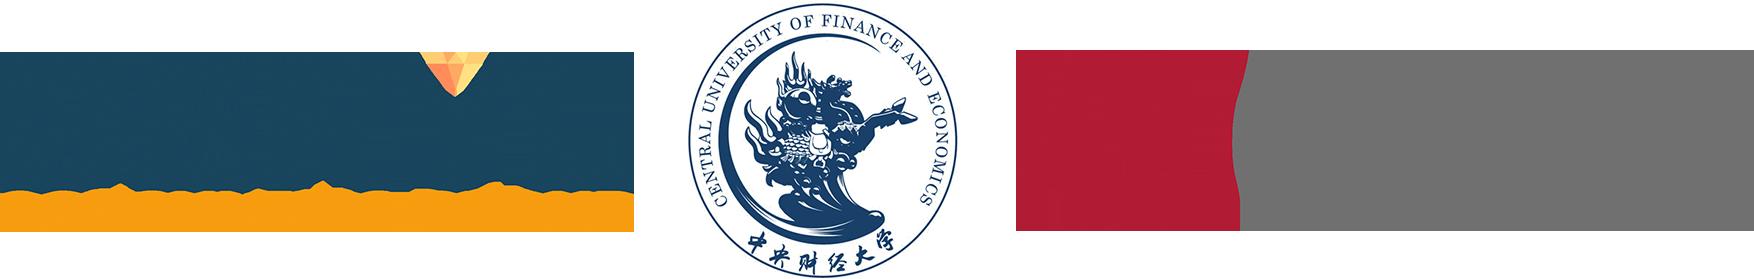 logo-1-3.png